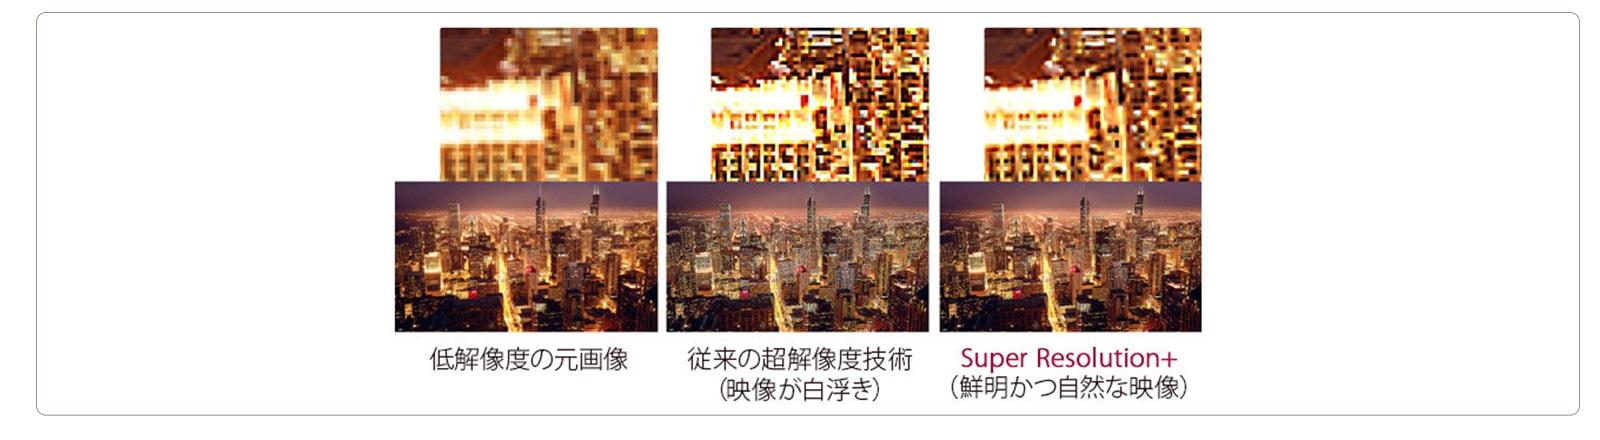 低解像度の映像も高画質で